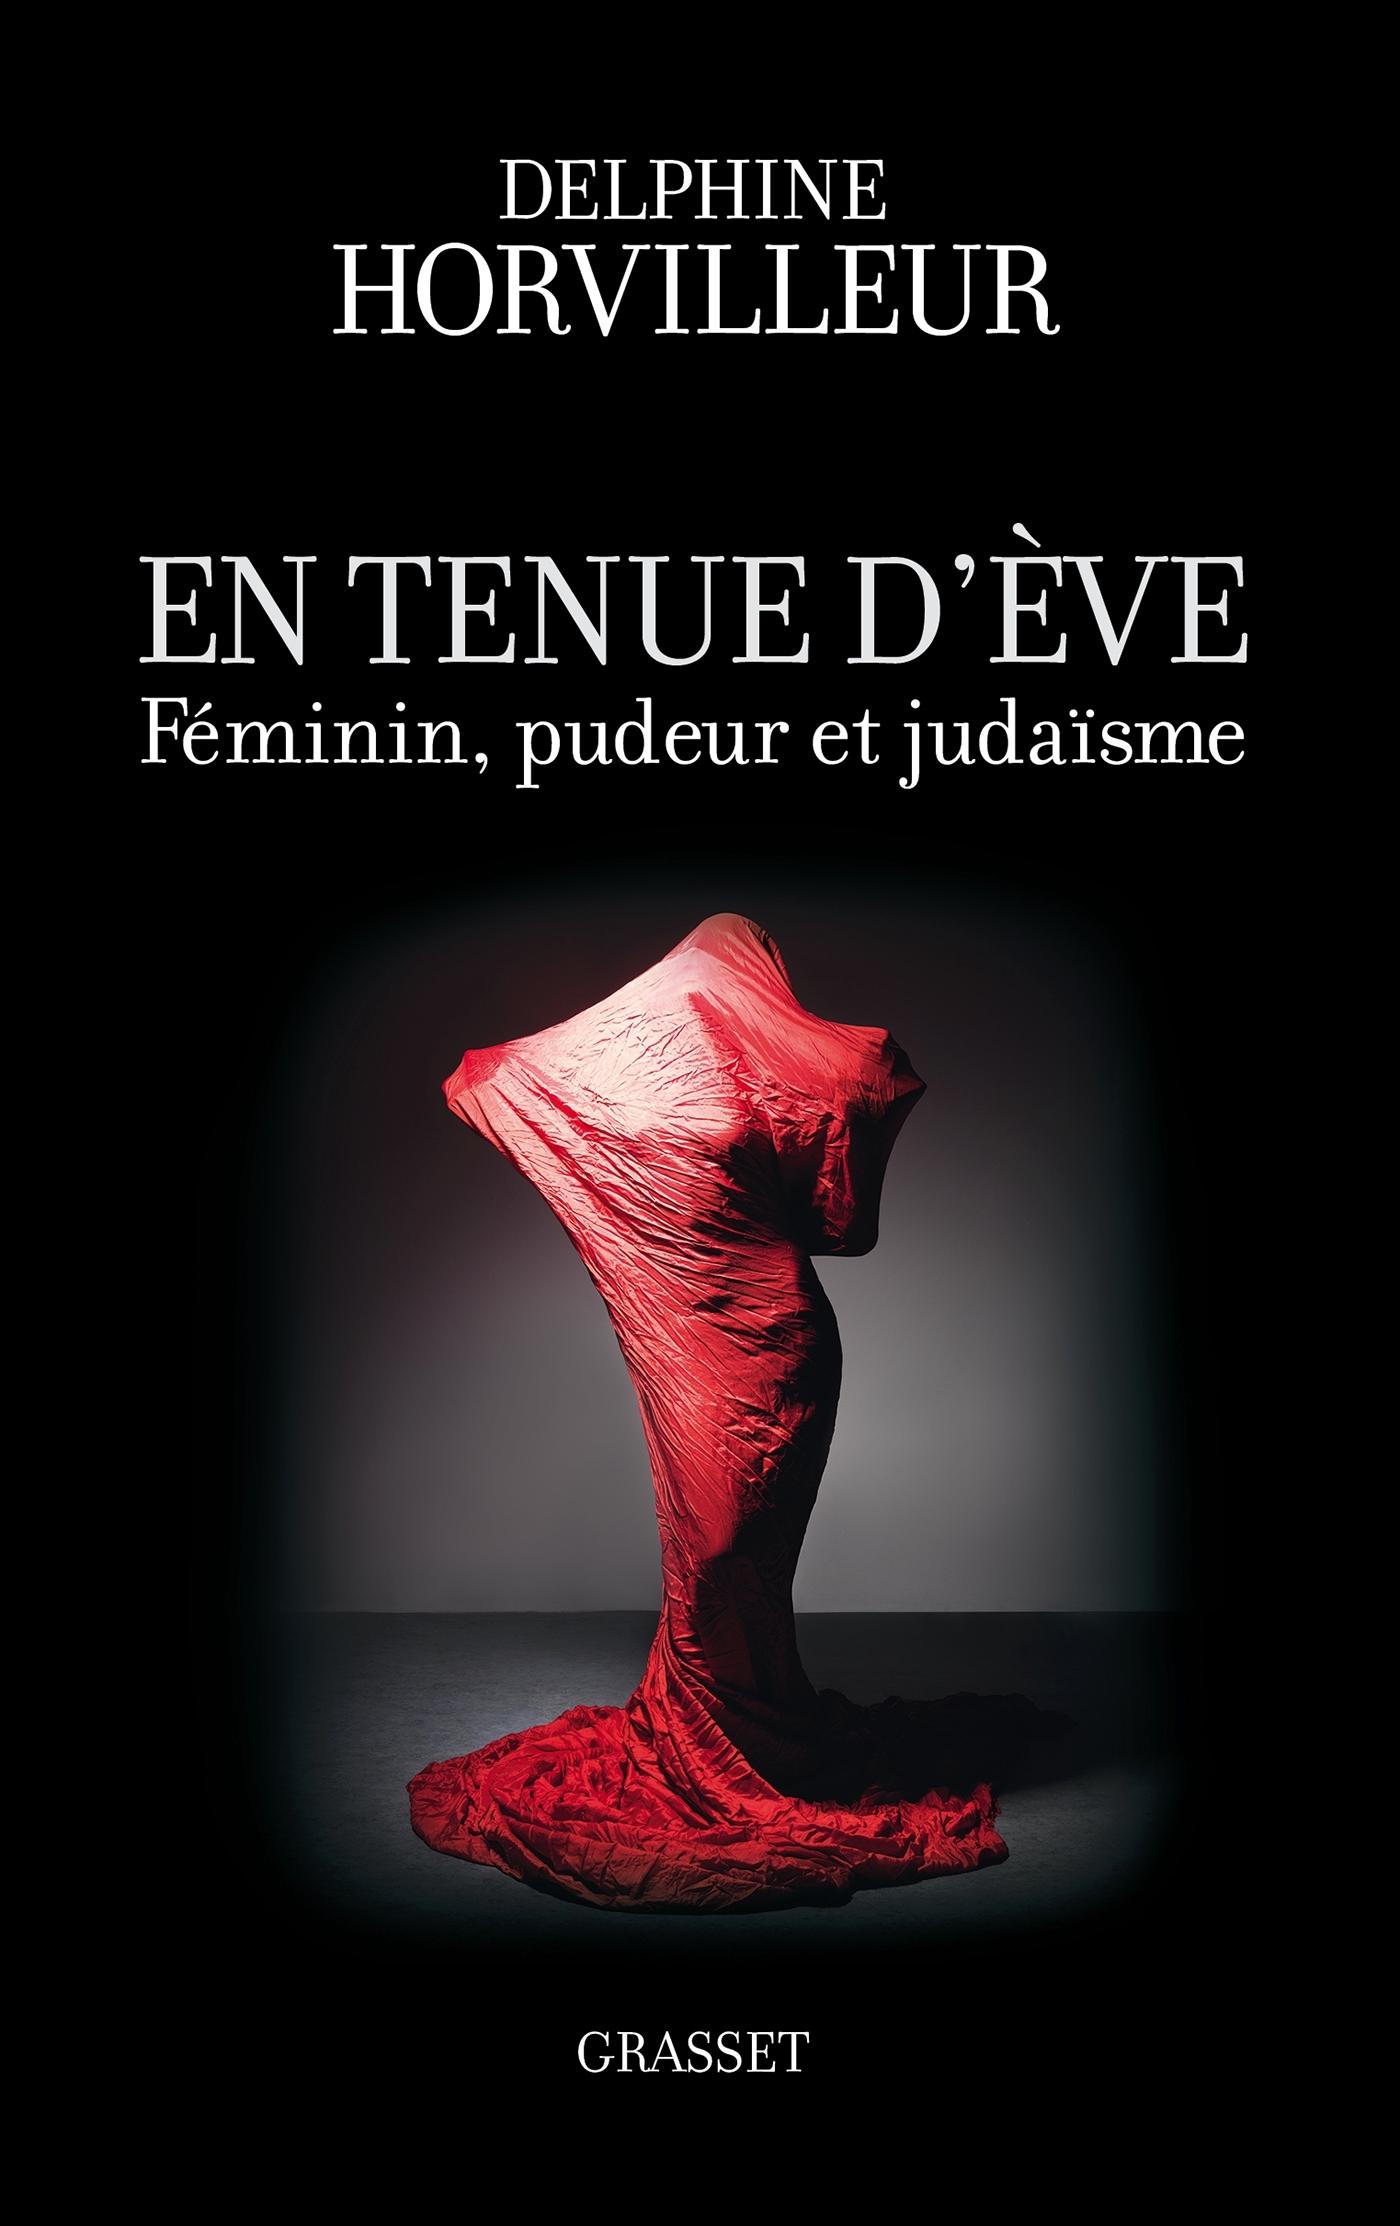 EN TENUE D'EVE - FEMININ, PUDEUR ET JUDAISME